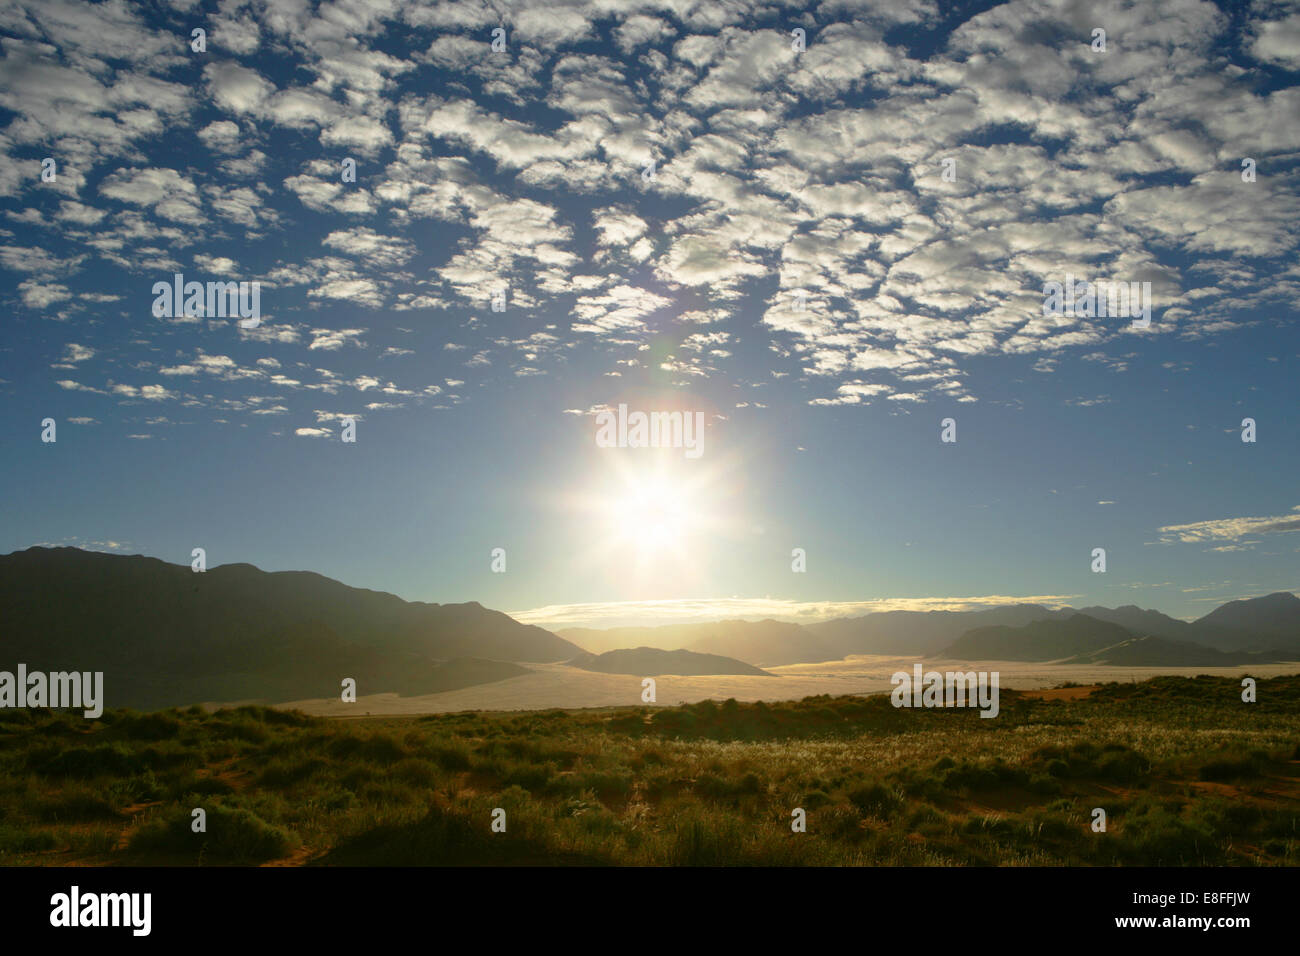 Desert and mountain landscape at sunset, namib-naukluft national park, Namibia Stock Photo